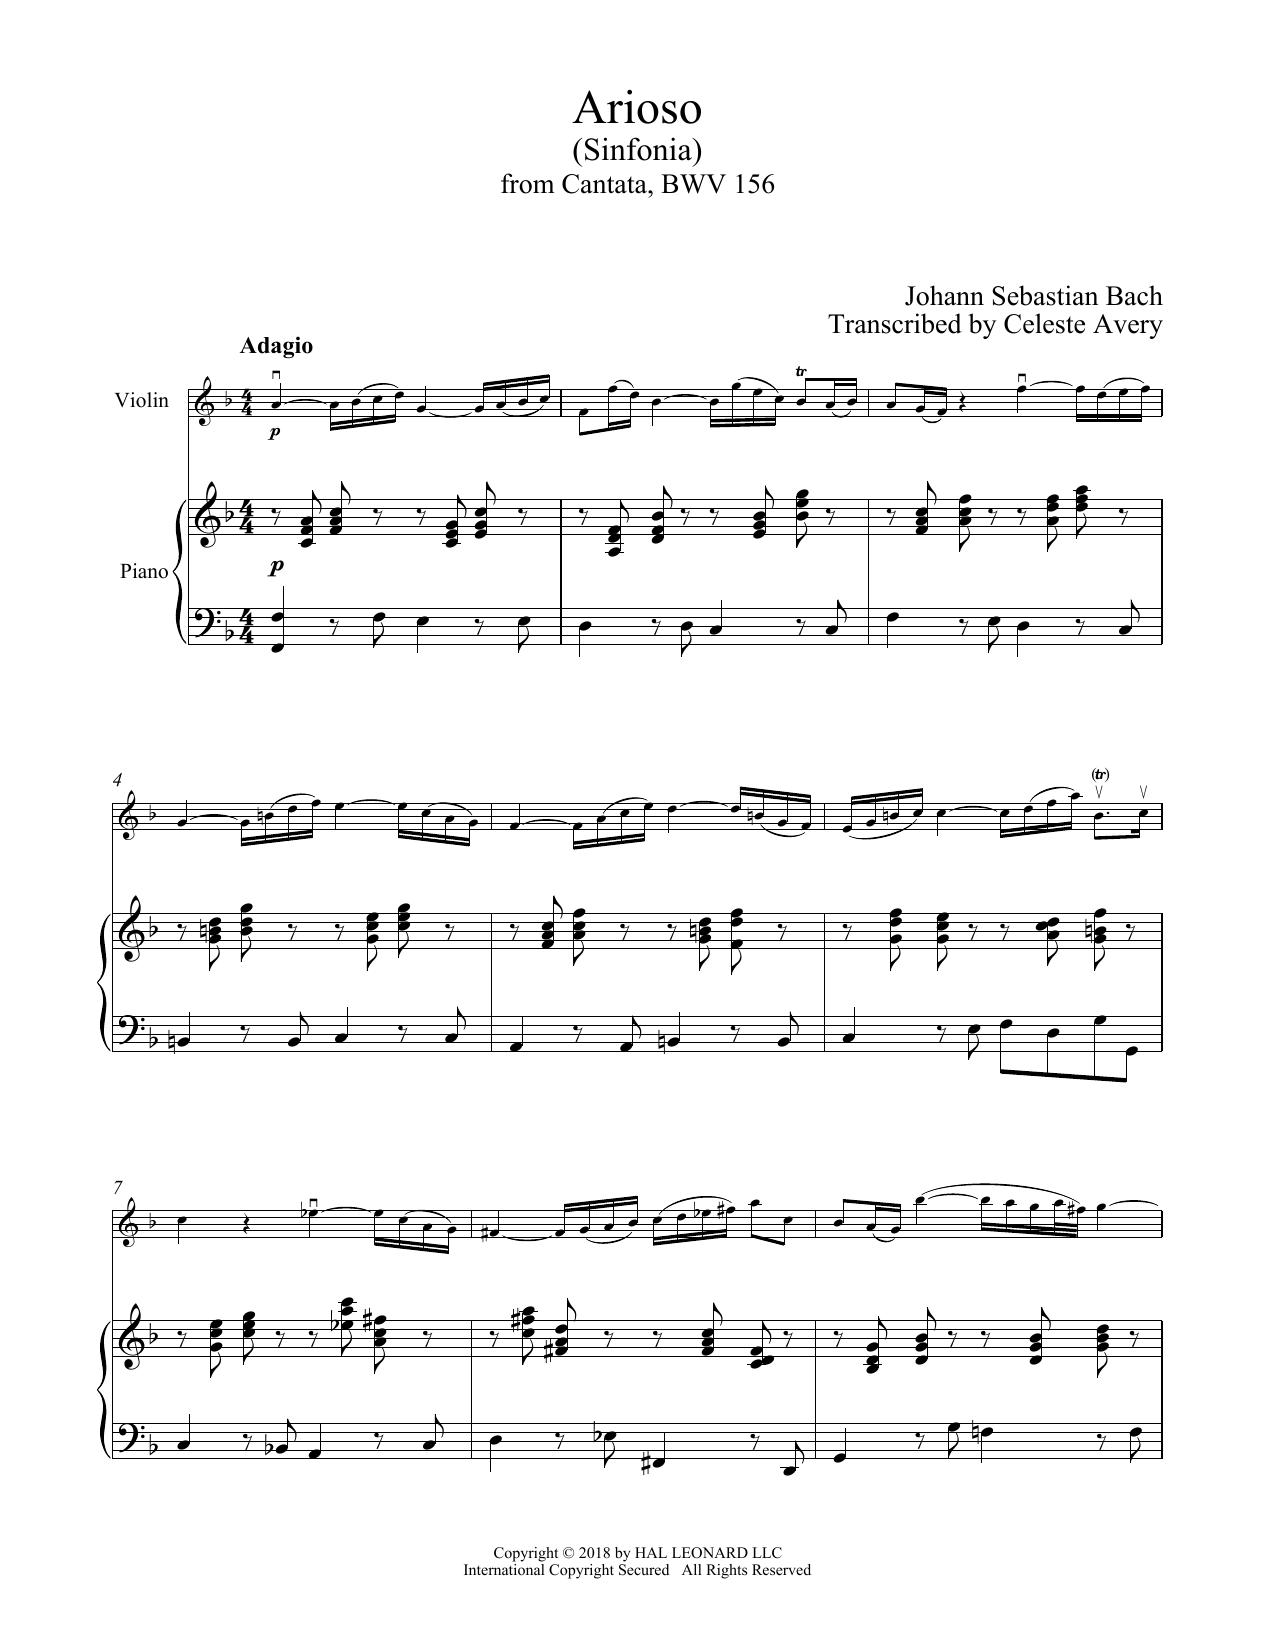 Arioso (Violin and Piano)